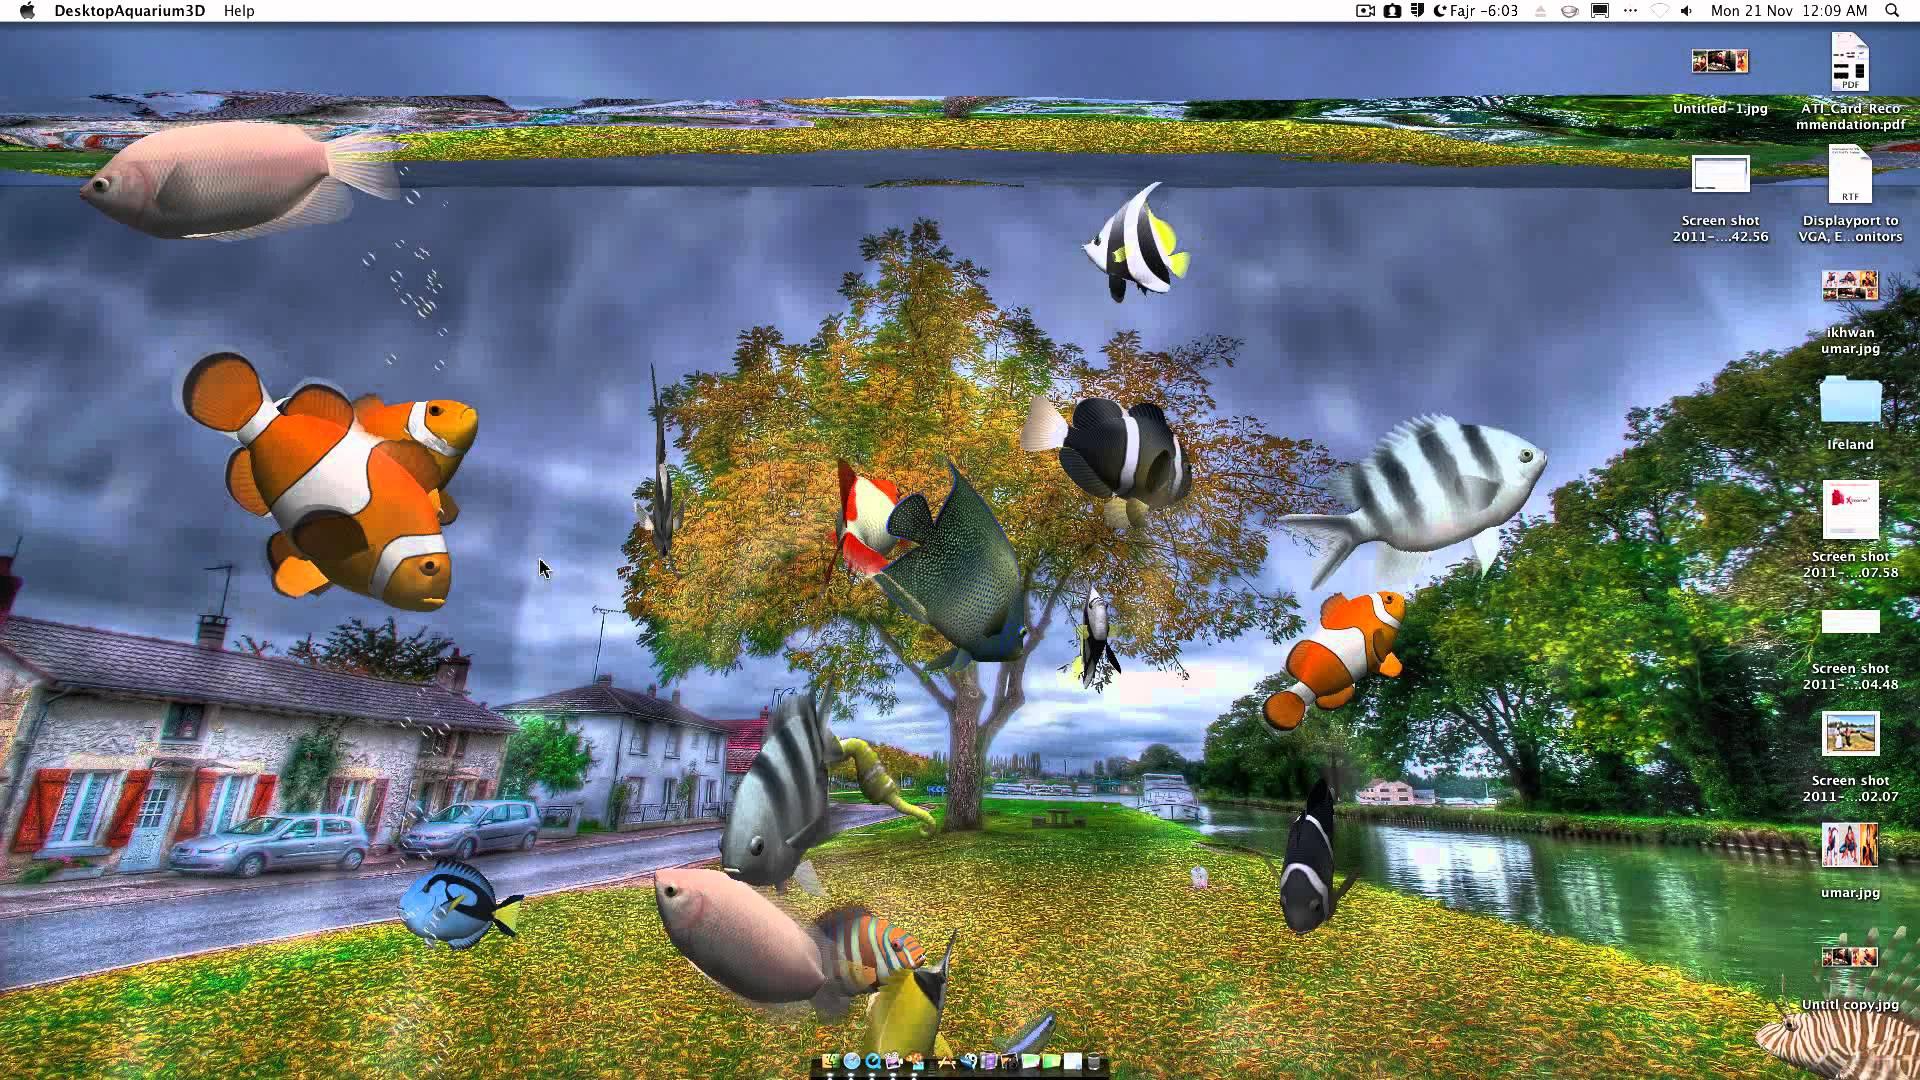 Wallpaper download live - Desktop Aquarium 3d Live Wallpaper On Imac Youtube